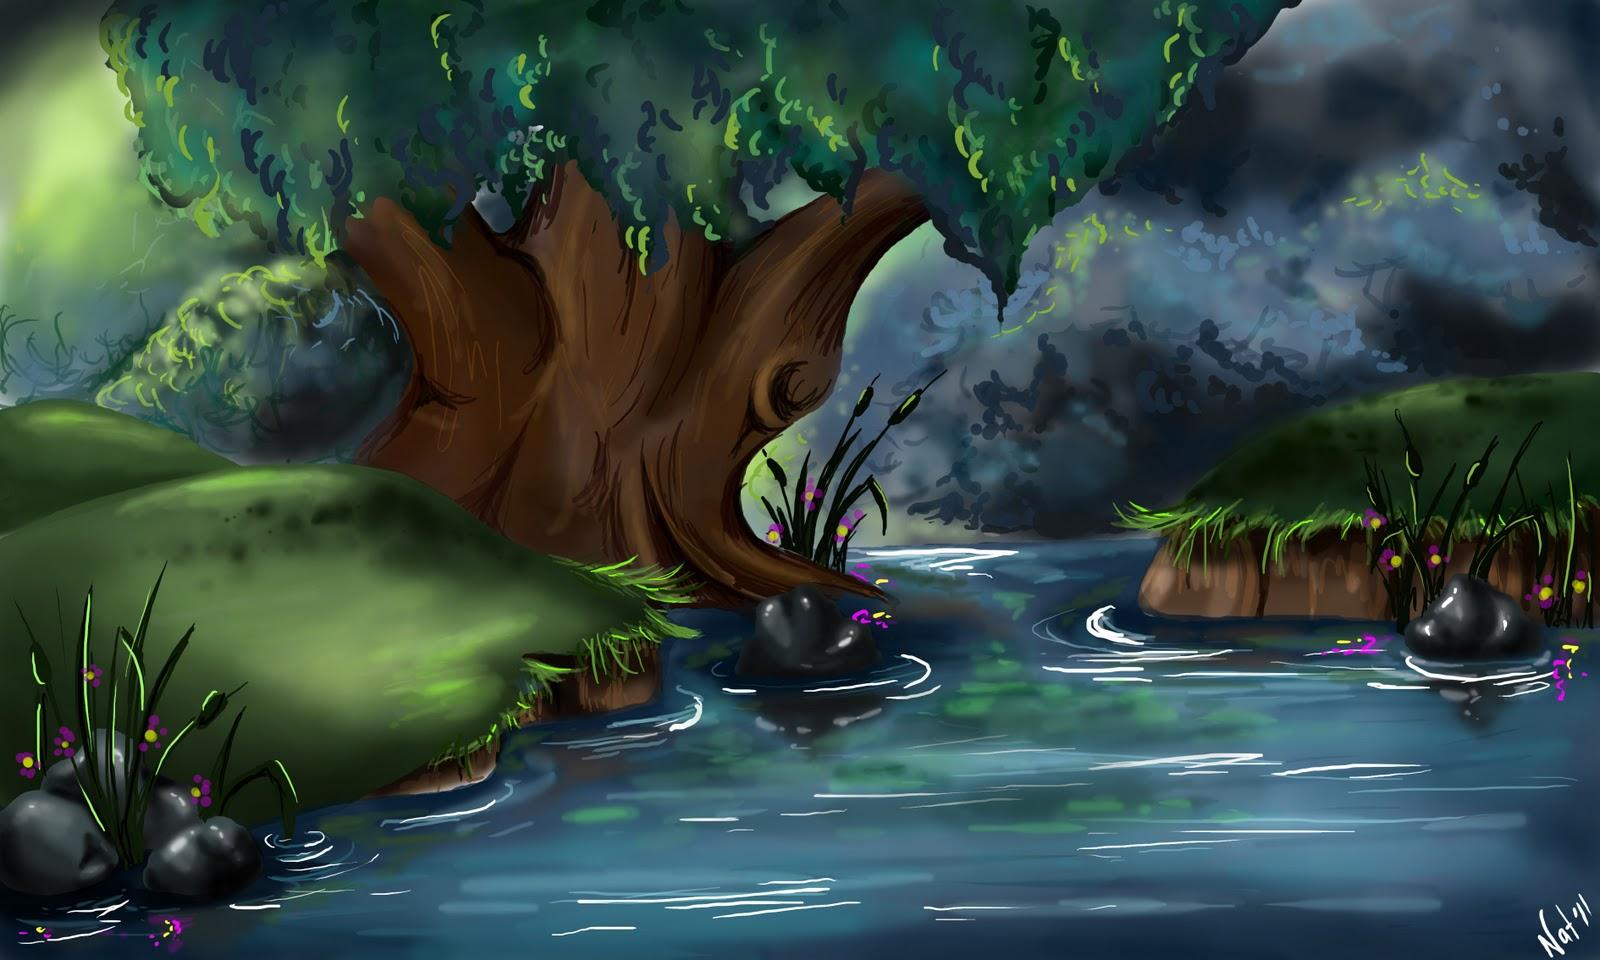 Disney Concept Art Wallpaper